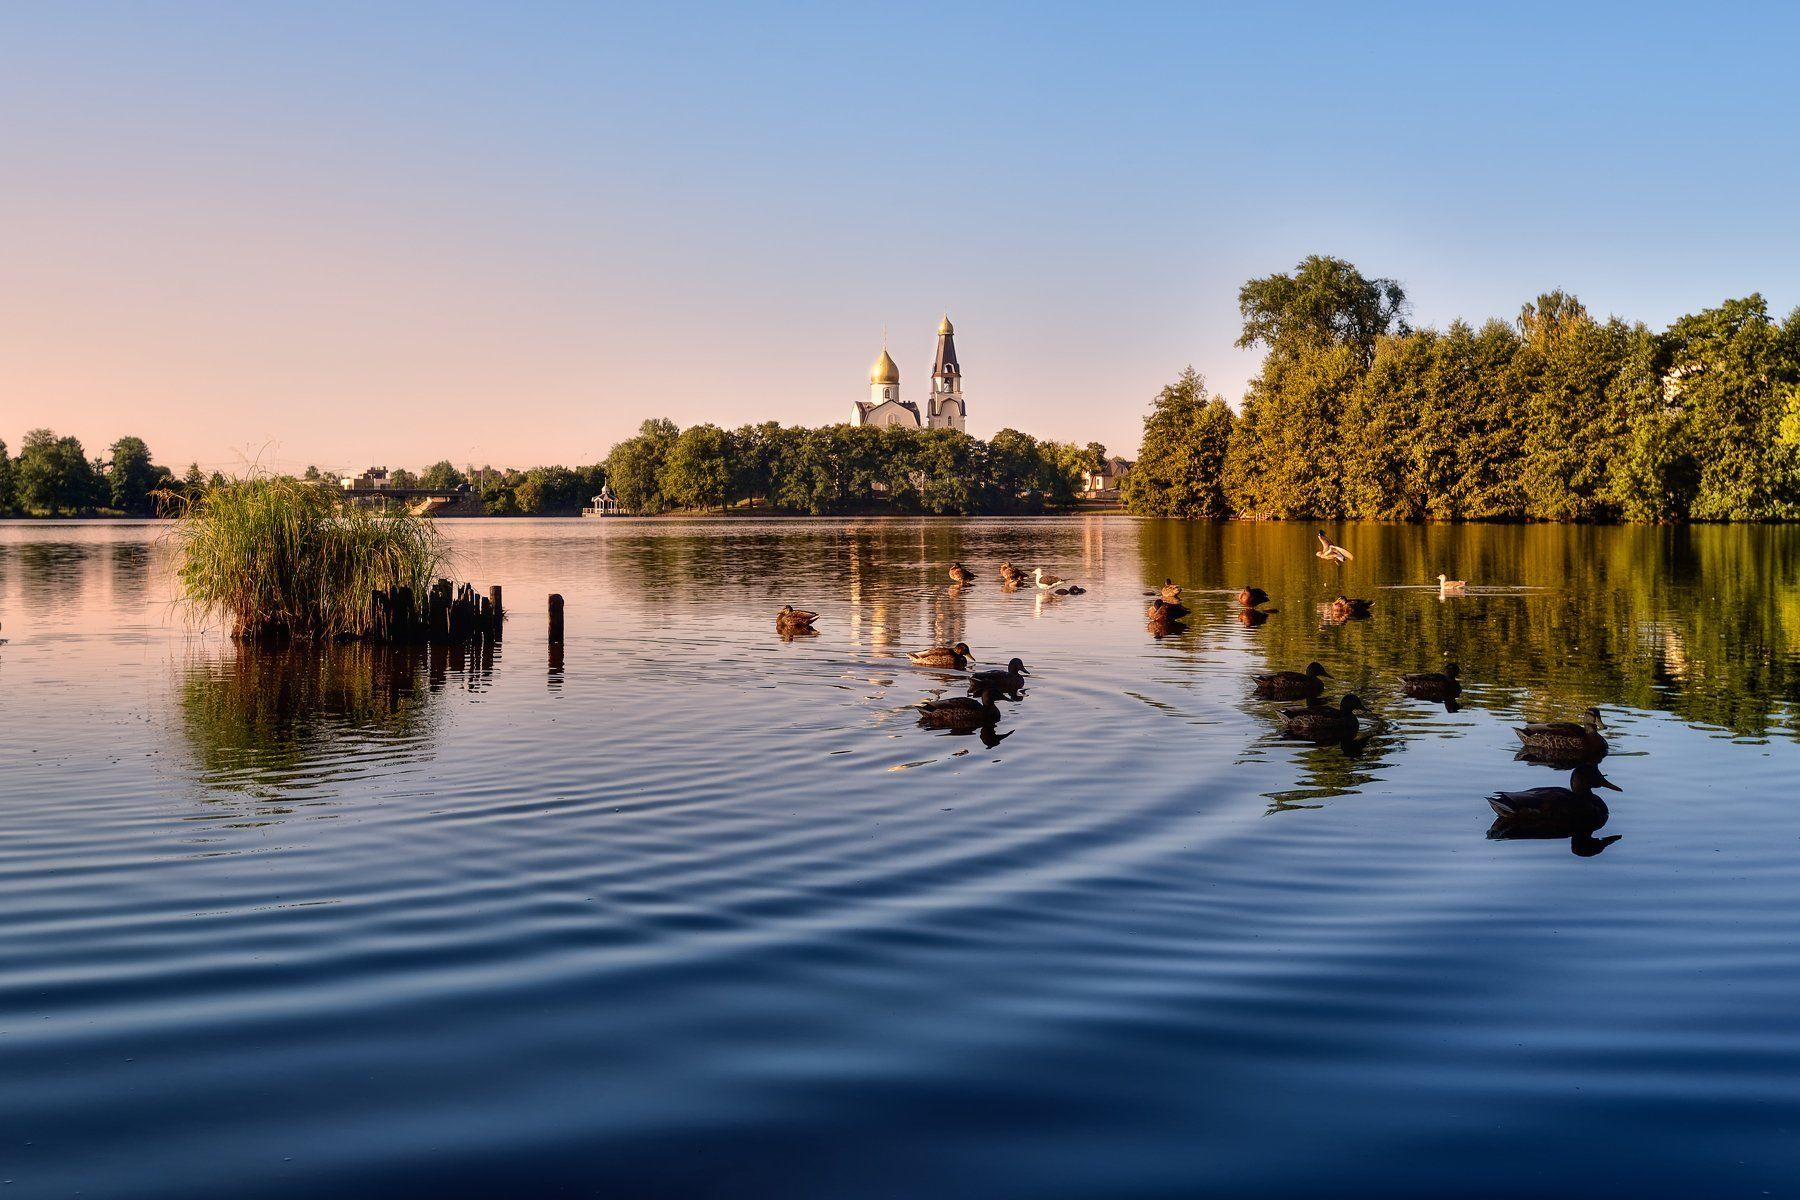 утро,озеро,утки,храм, Виталий Полуэктов